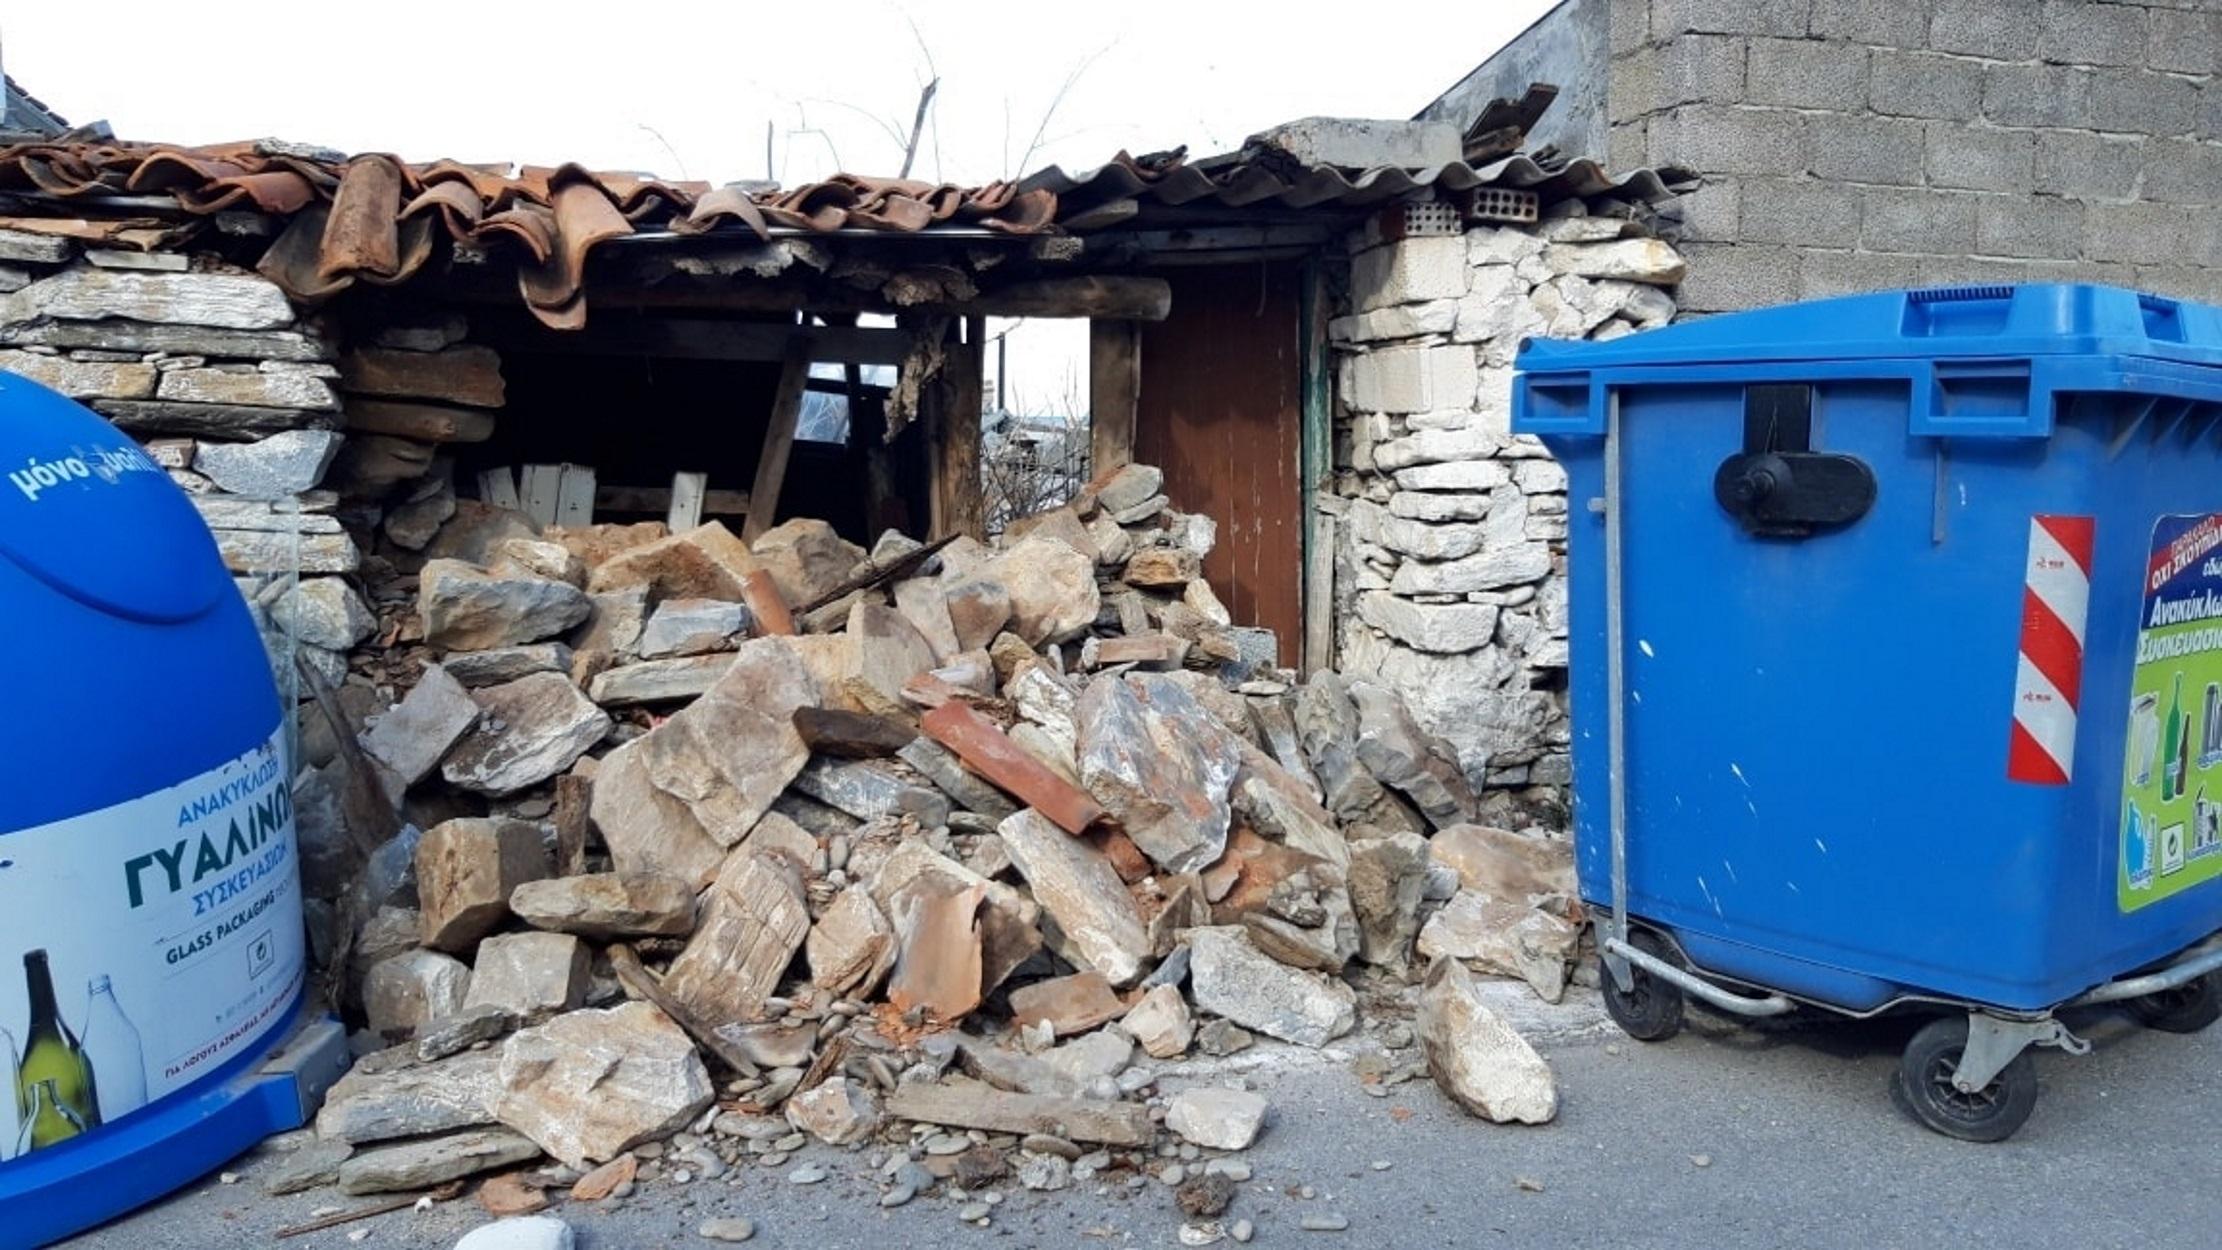 Πλήρης κάλυψη των ασφαλιστικών εισφορών σε επιχειρήσεις που επλήγησαν από το σεισμό του Οκτωβρίου